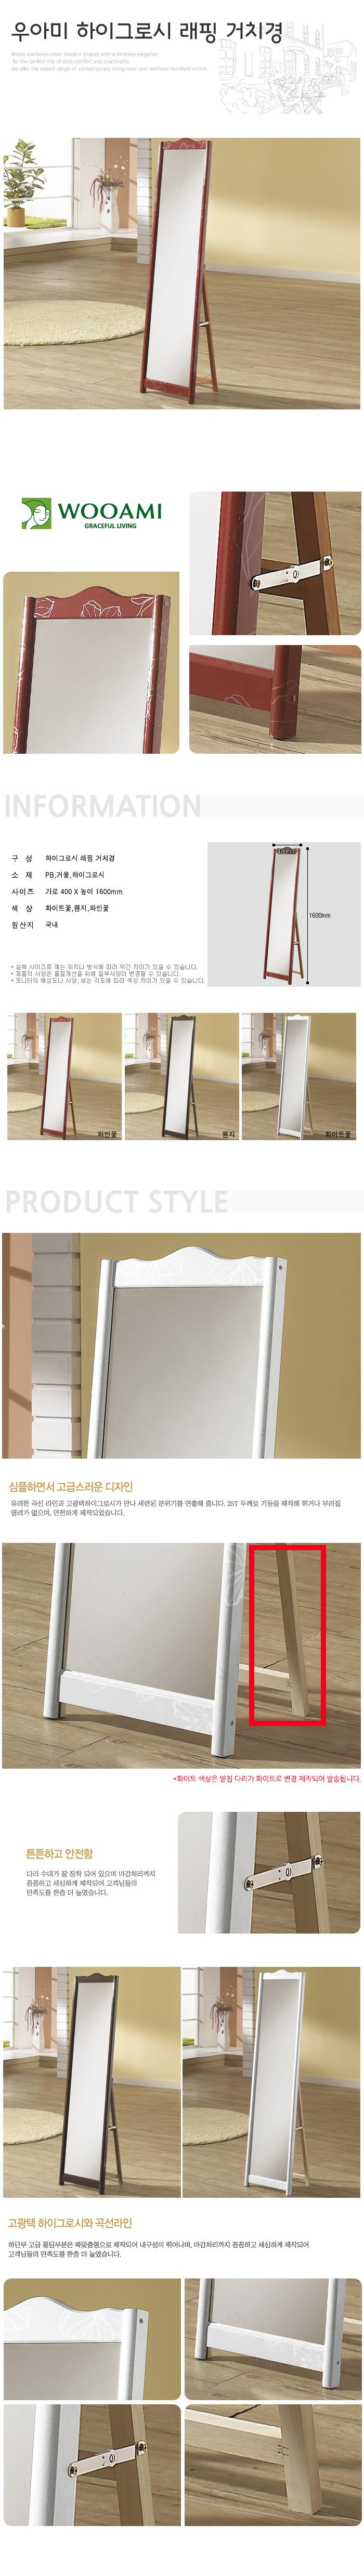 우아미 하이그로시 래핑 거치경 - 인우드, 51,730원, 거울, 전신거울